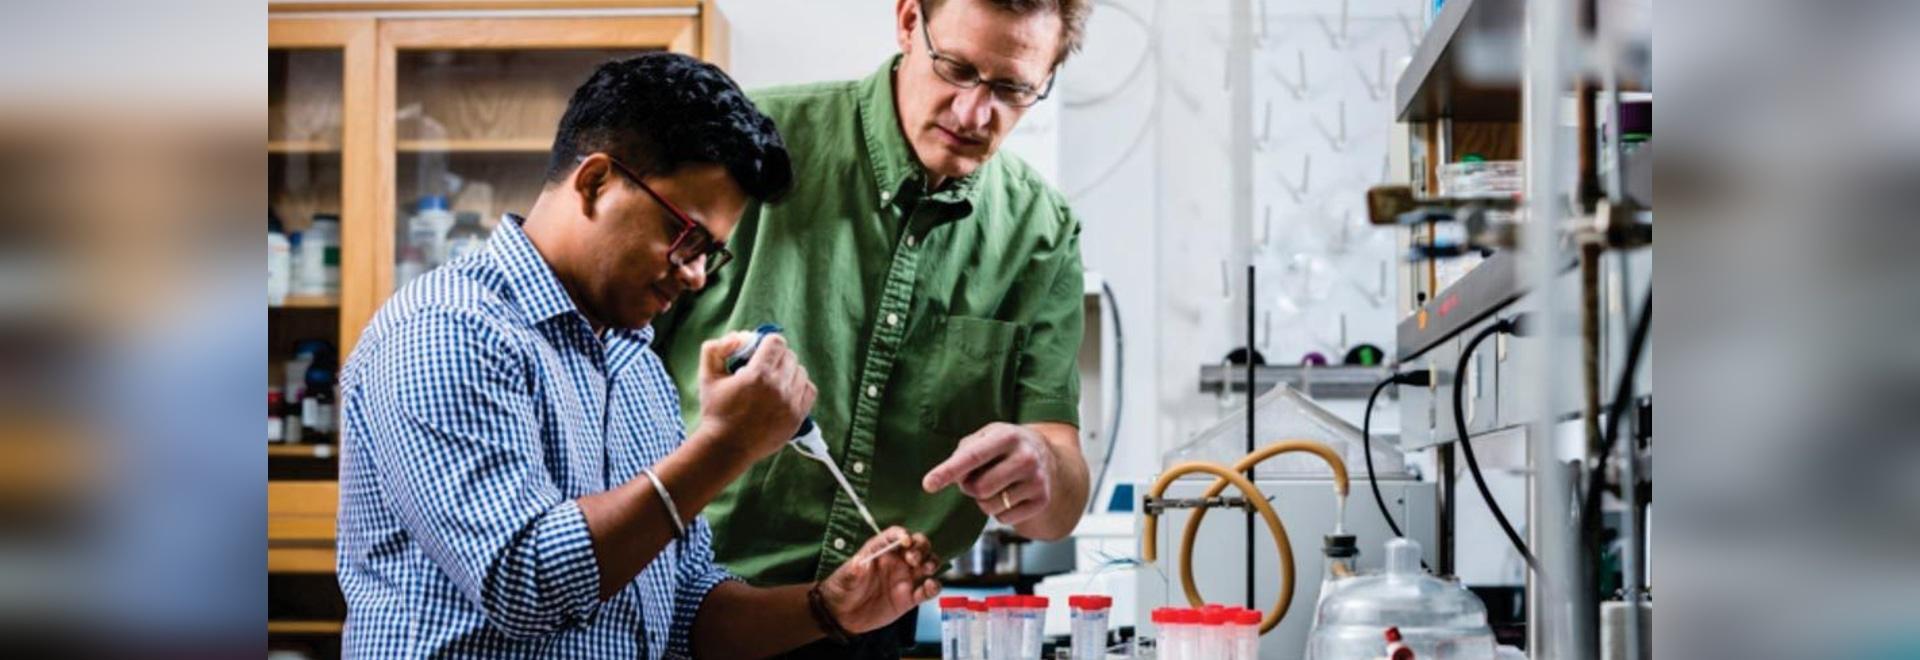 Labor-Auf-EIN-Chip entworfen, um Preterm Geburten herabzusetzen